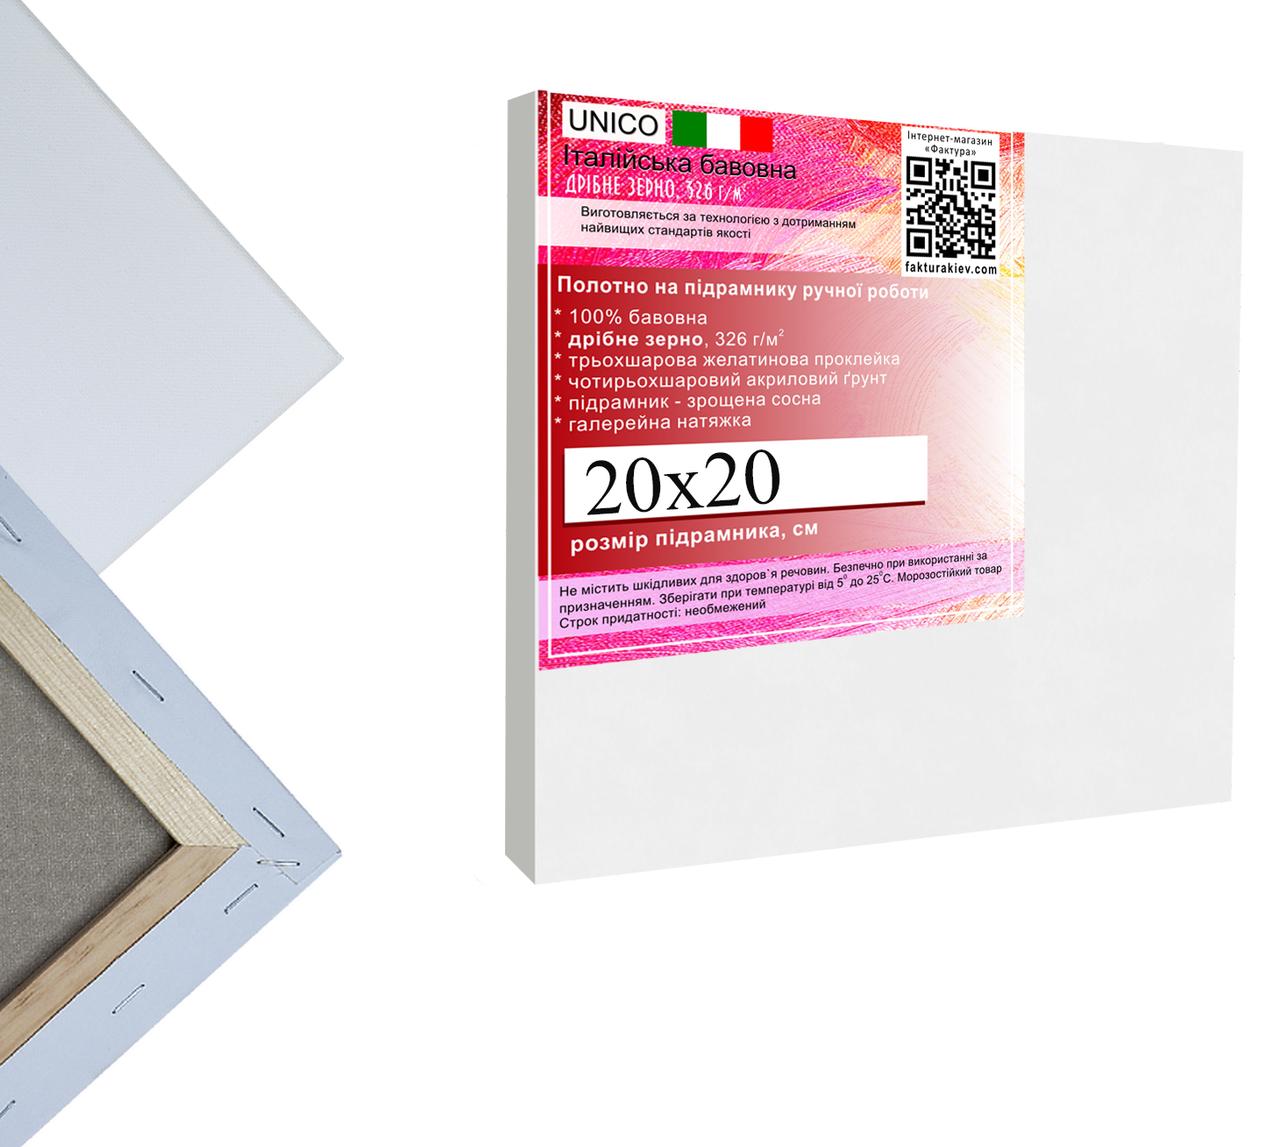 Холст на подрамнике Factura Unico 20х20 см Итальянский хлопок 326 грамм кв.м. мелкое зерно, белый